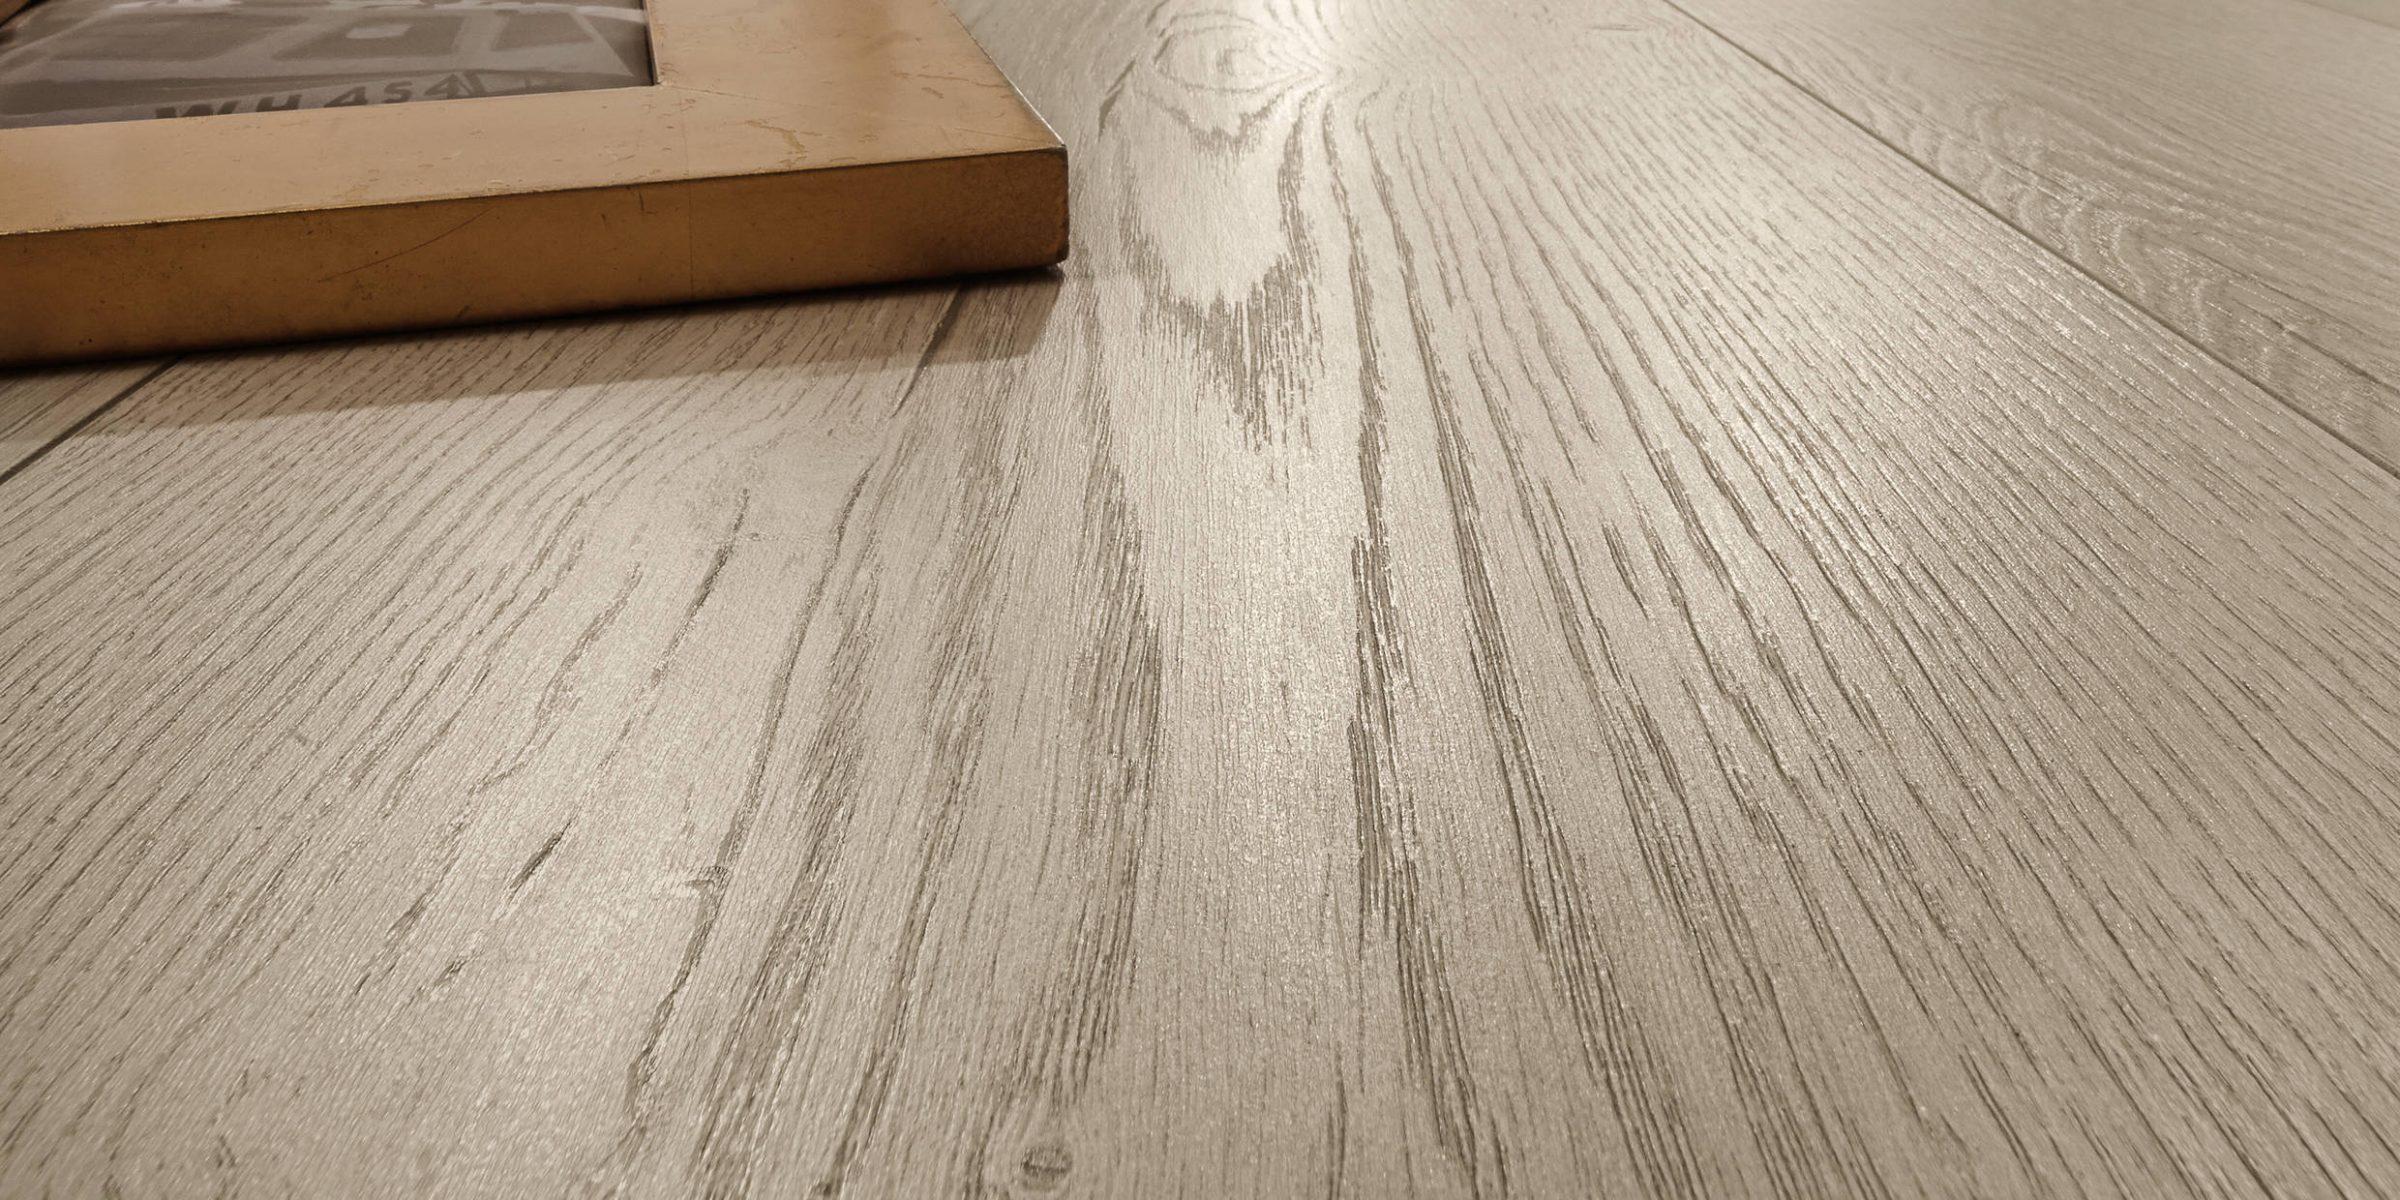 Behaglich und warm - Holzboden und Parkett von Ihrem Meisterbetrieb Engstler.